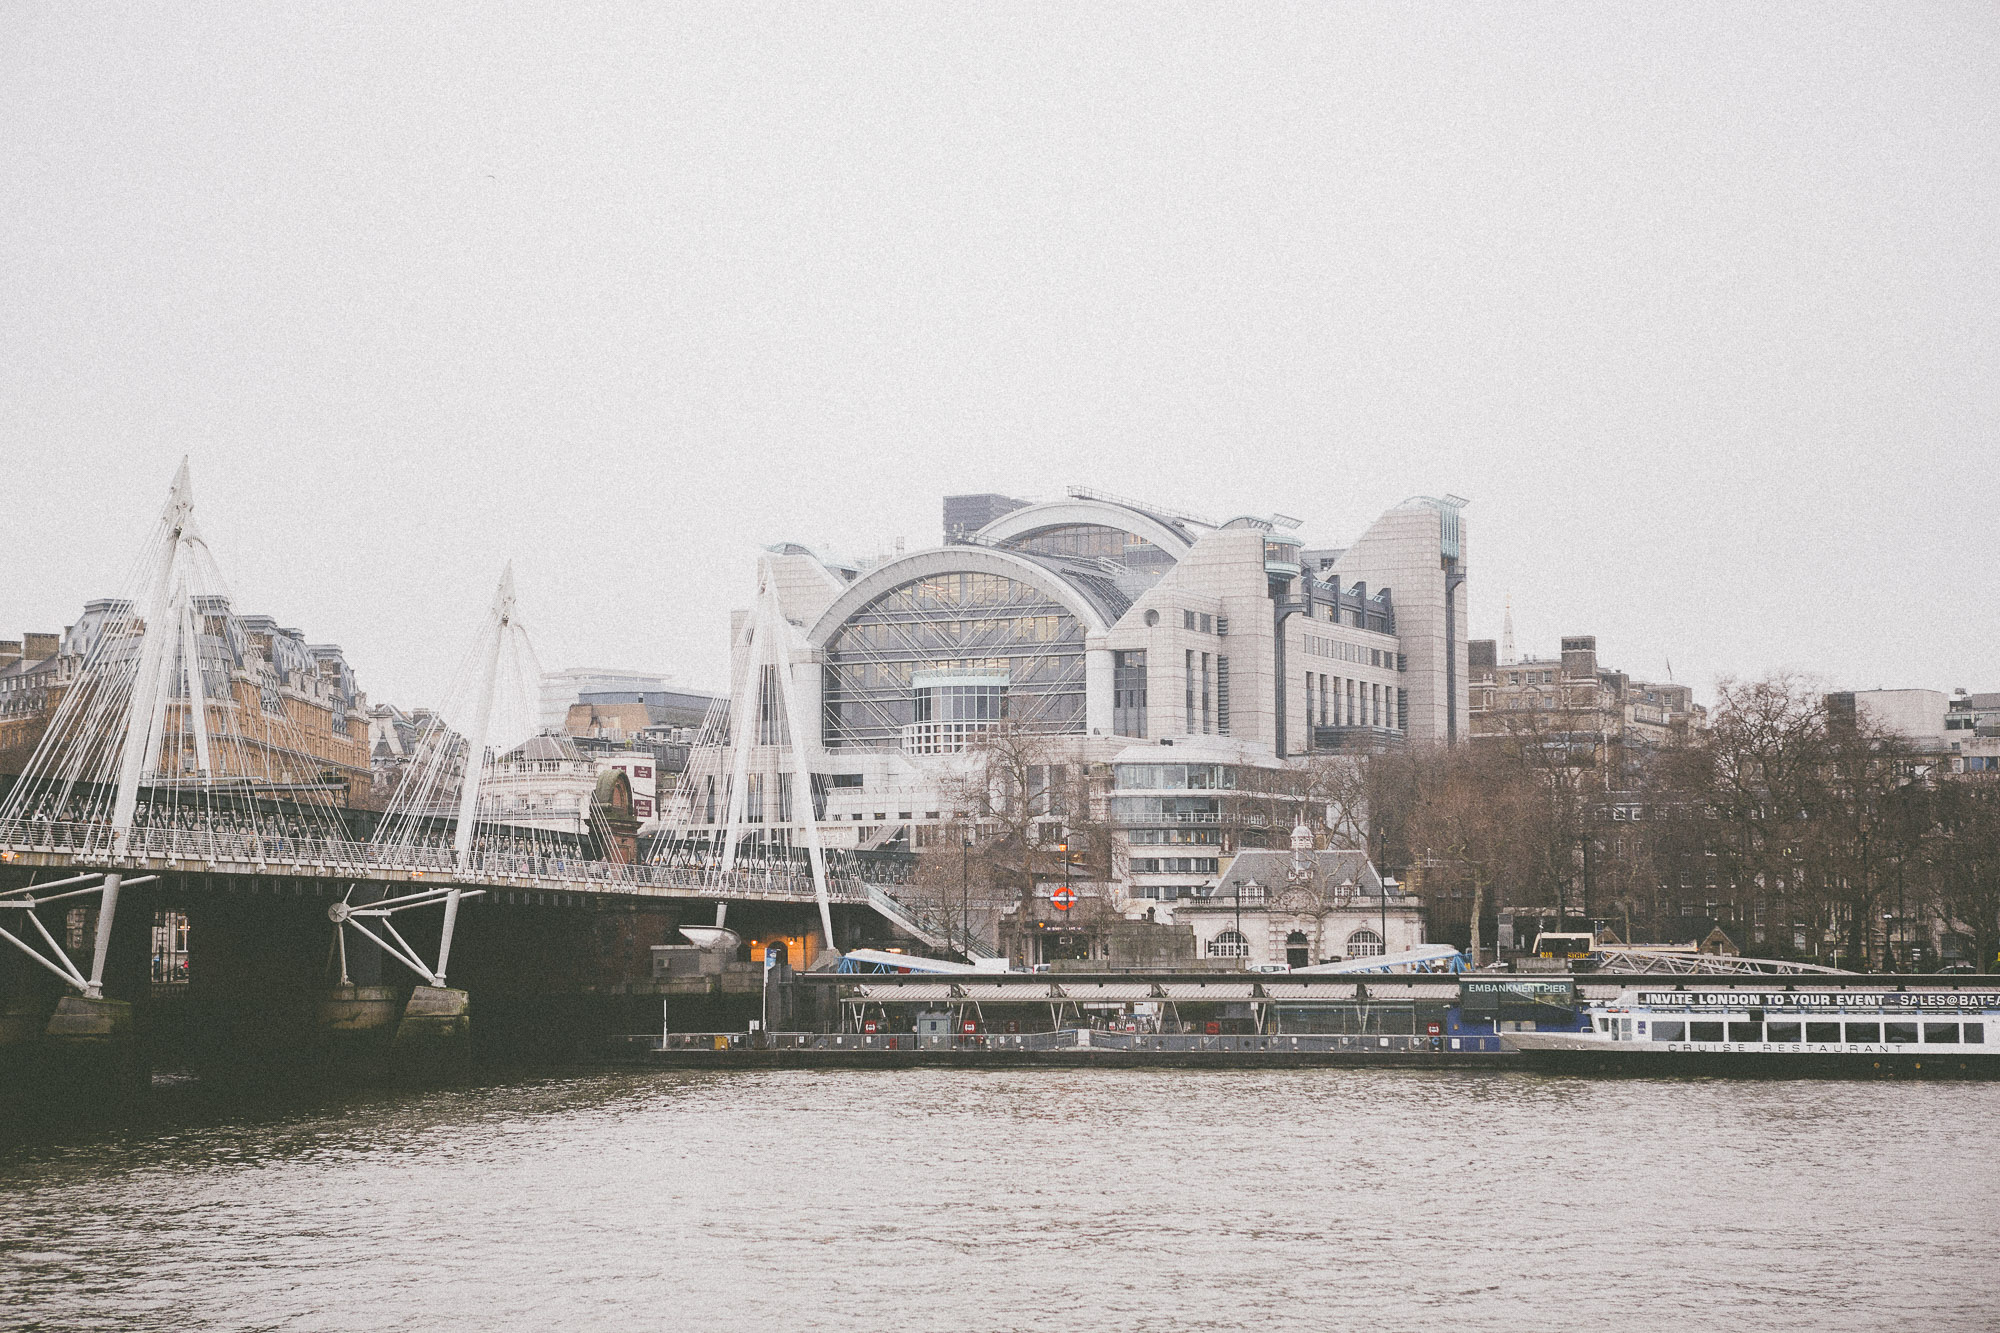 diebahrnausen_London_34